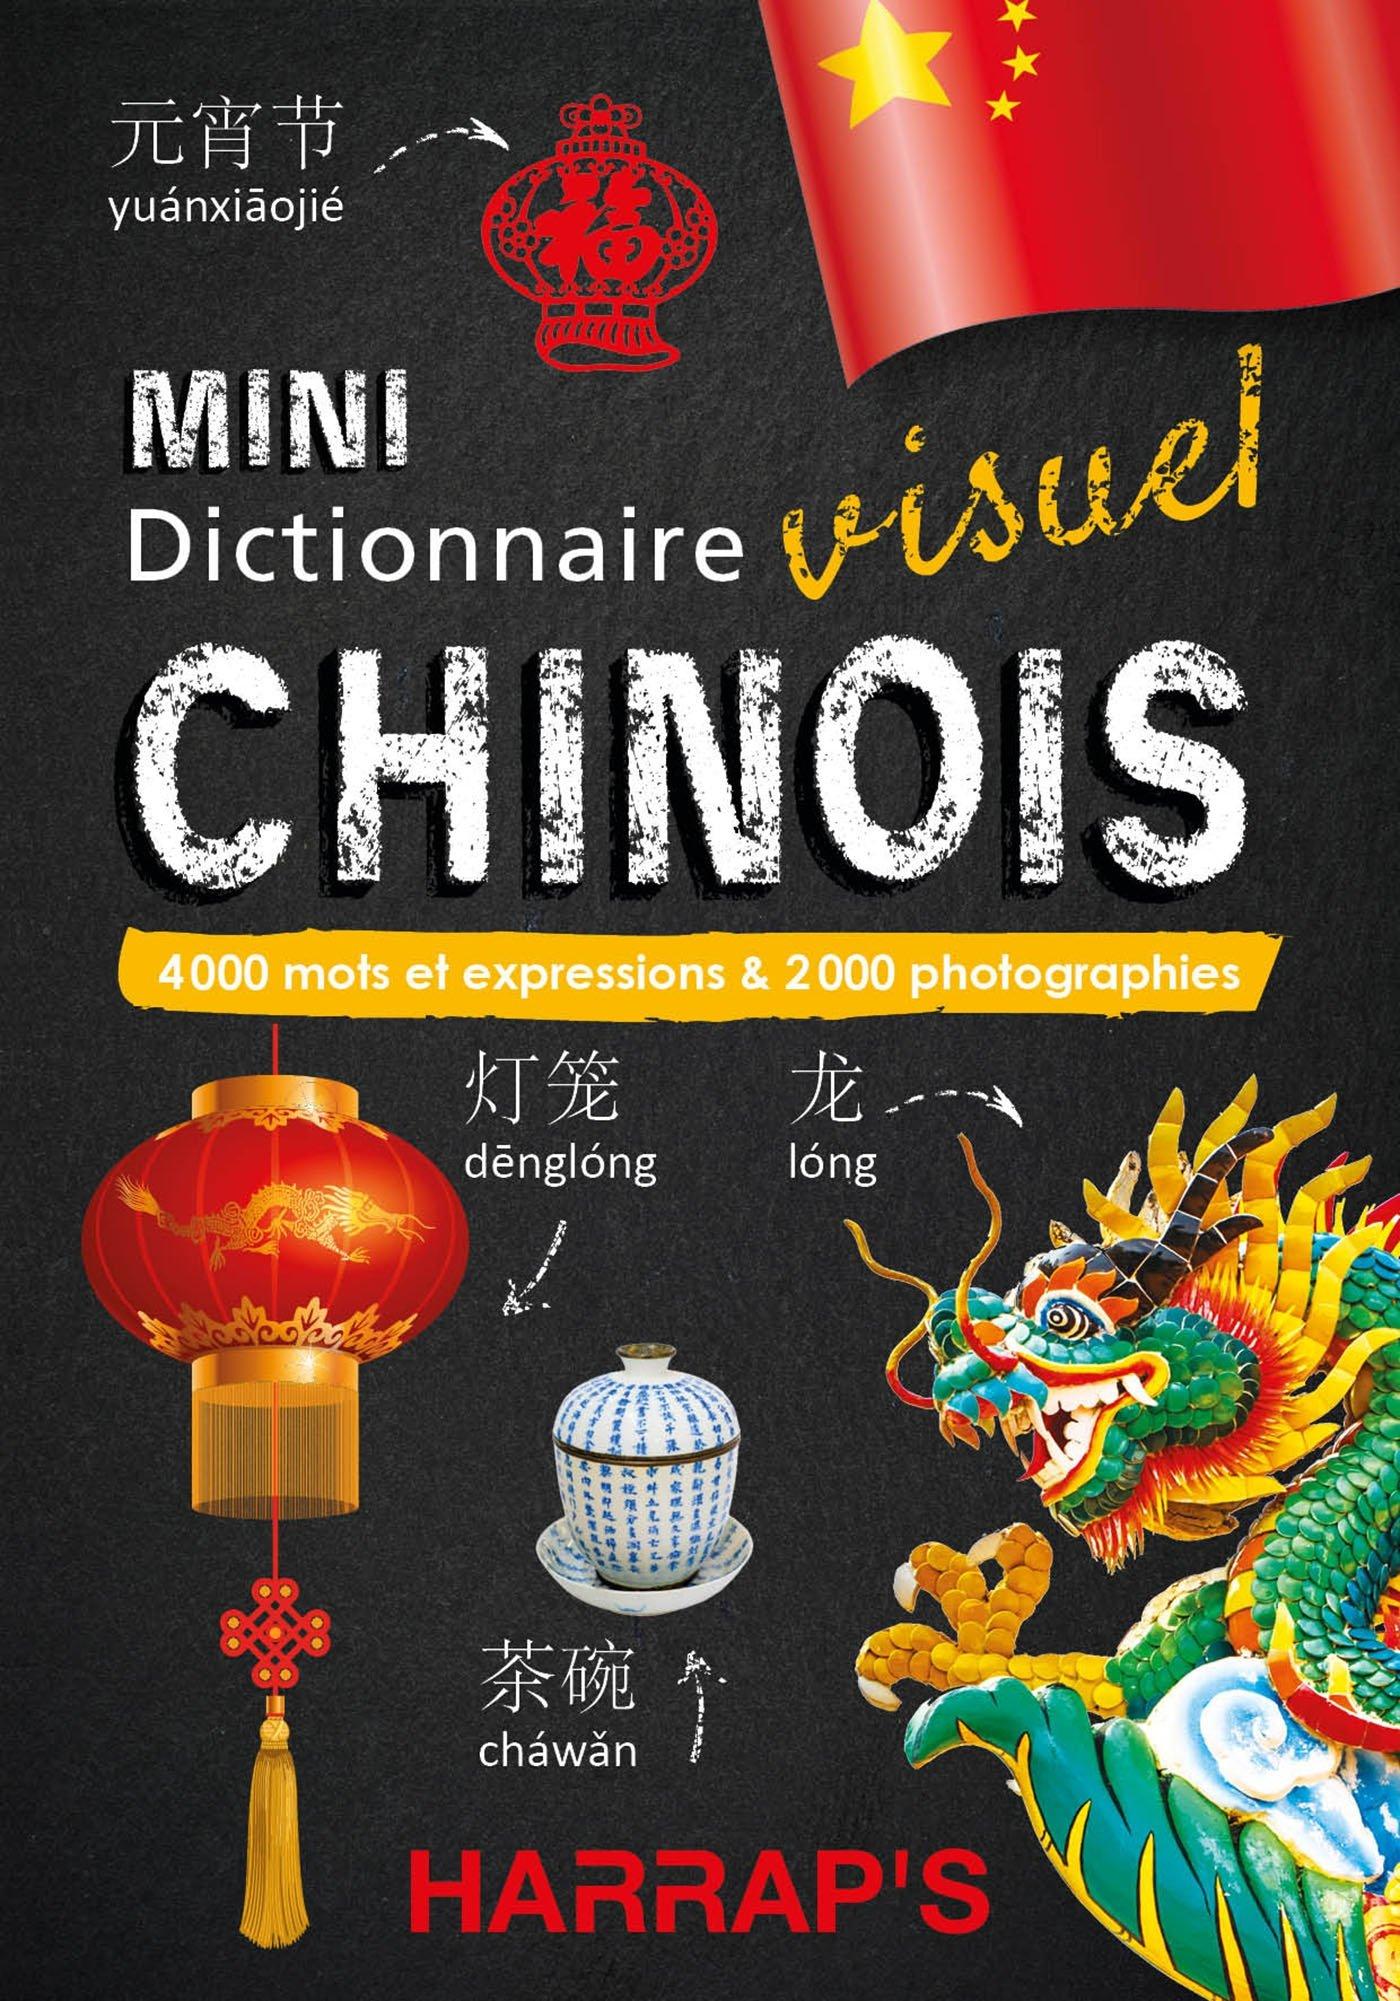 Amazon.fr - Harrap's Mini dictionnaire visuel Chinois - Collectif - Livres